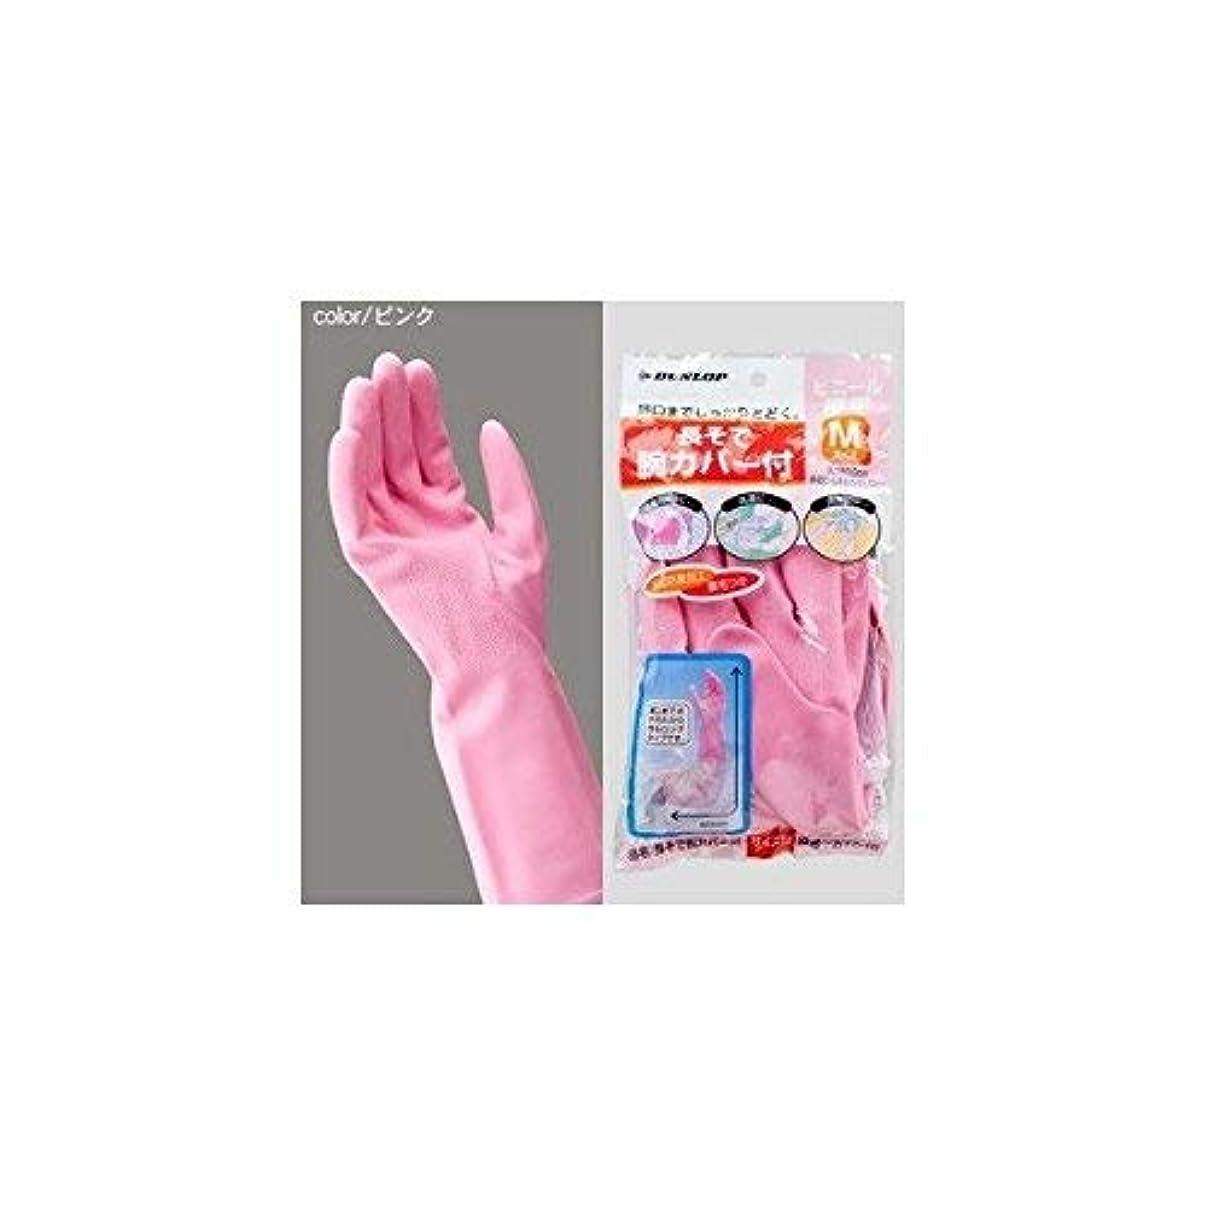 一緒に修正植生ダンロップ ビニール手袋 厚手腕カバー付 M ピンク ×30個